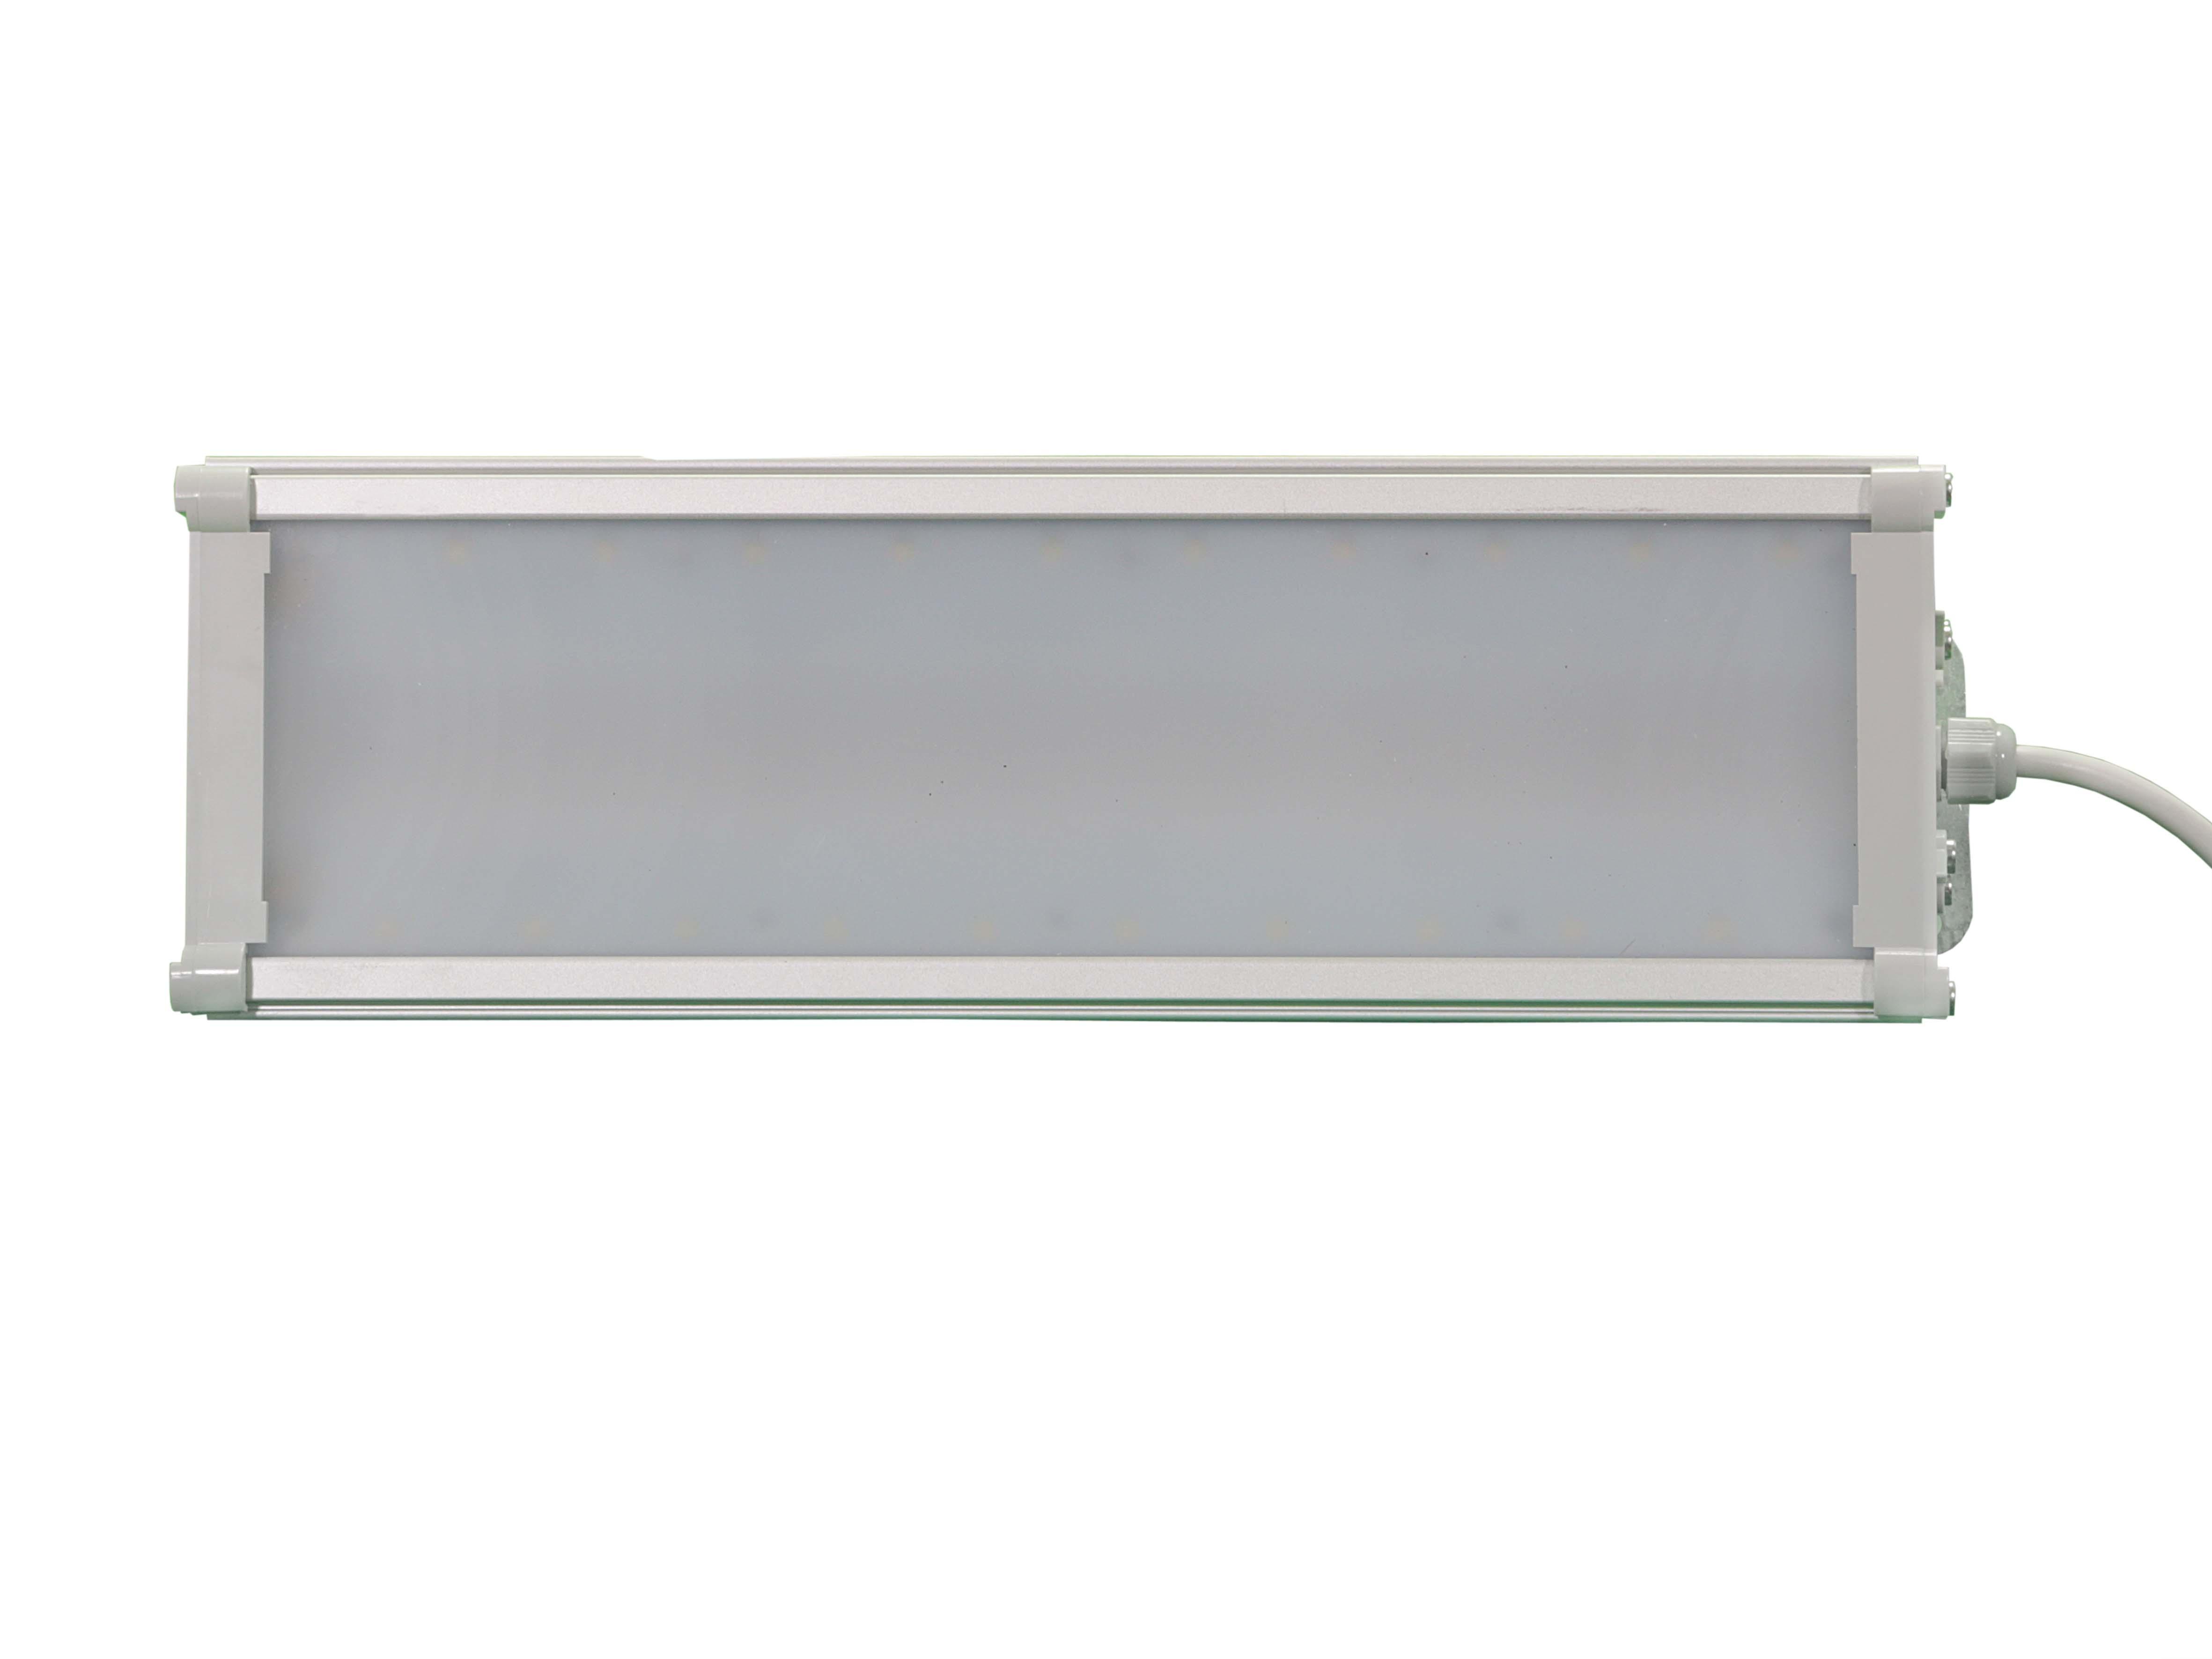 Офисный светодиодный светильник Армстронг-Тендер-35 35Вт 3955Лм